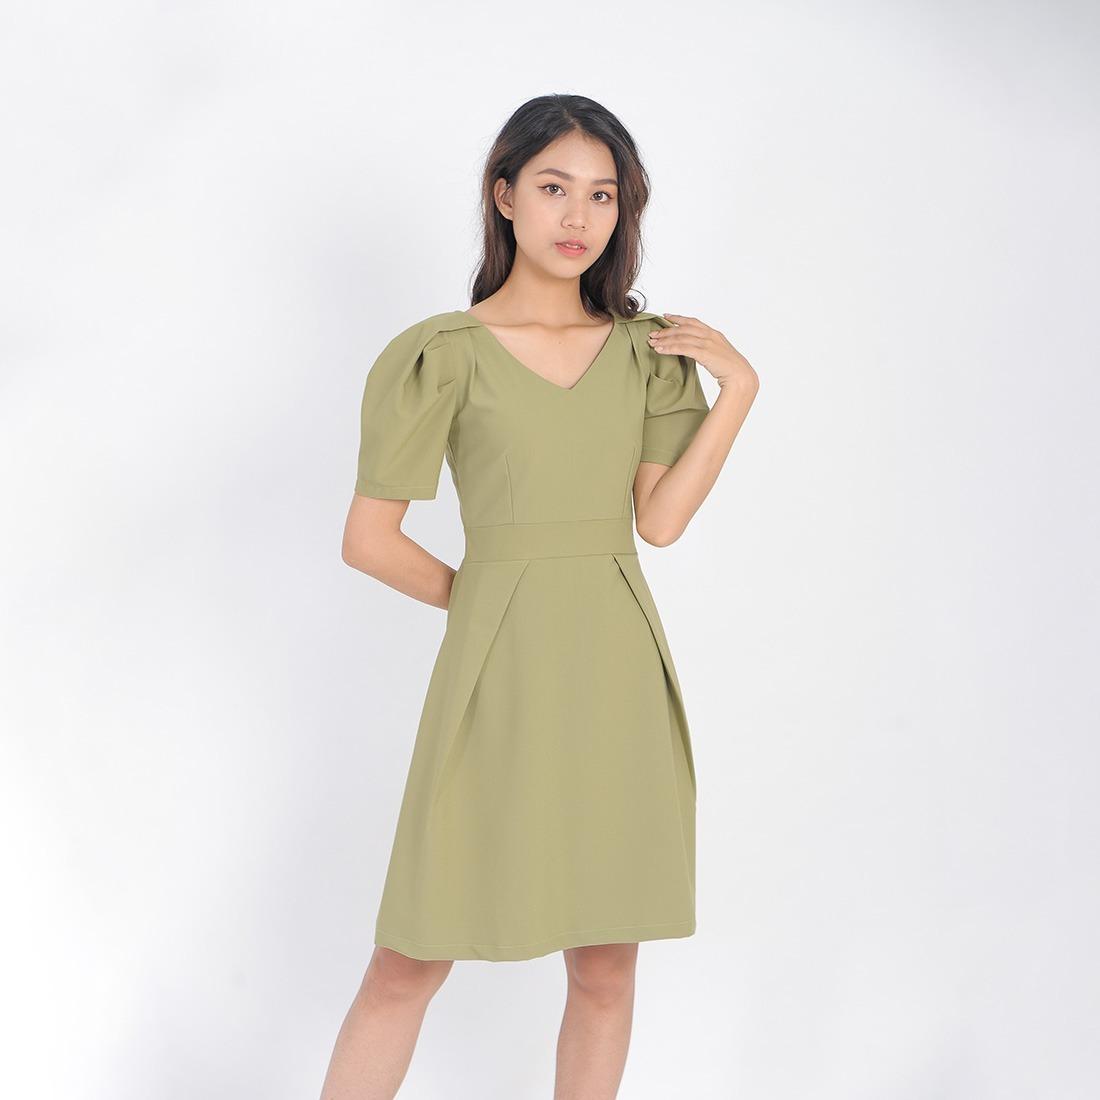 áo đầm đồng phục công sở